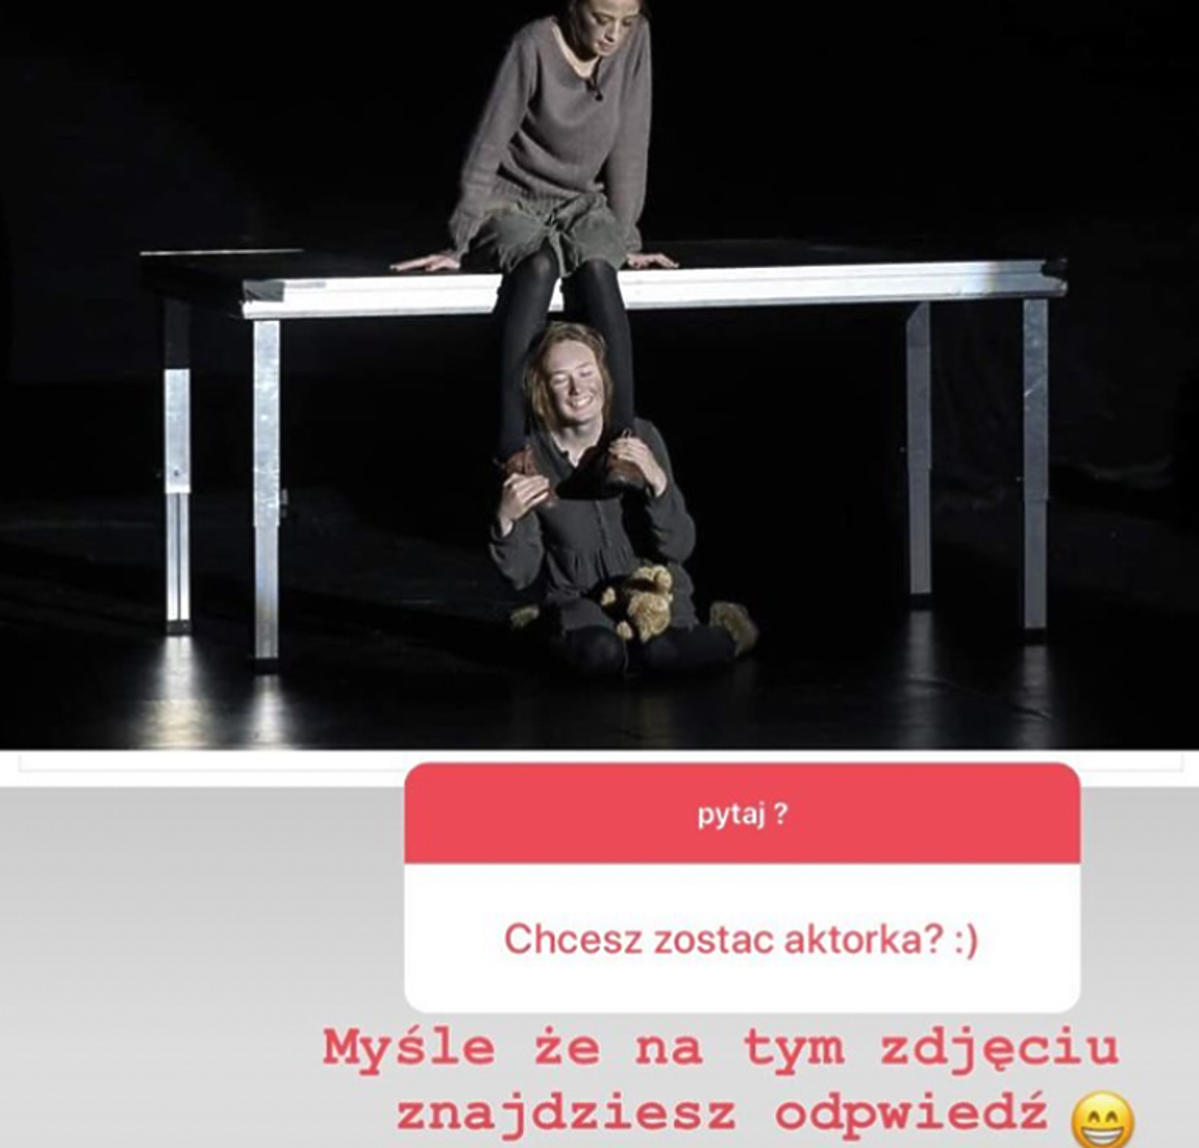 Oliwia Bieniuk chce zostać aktorką